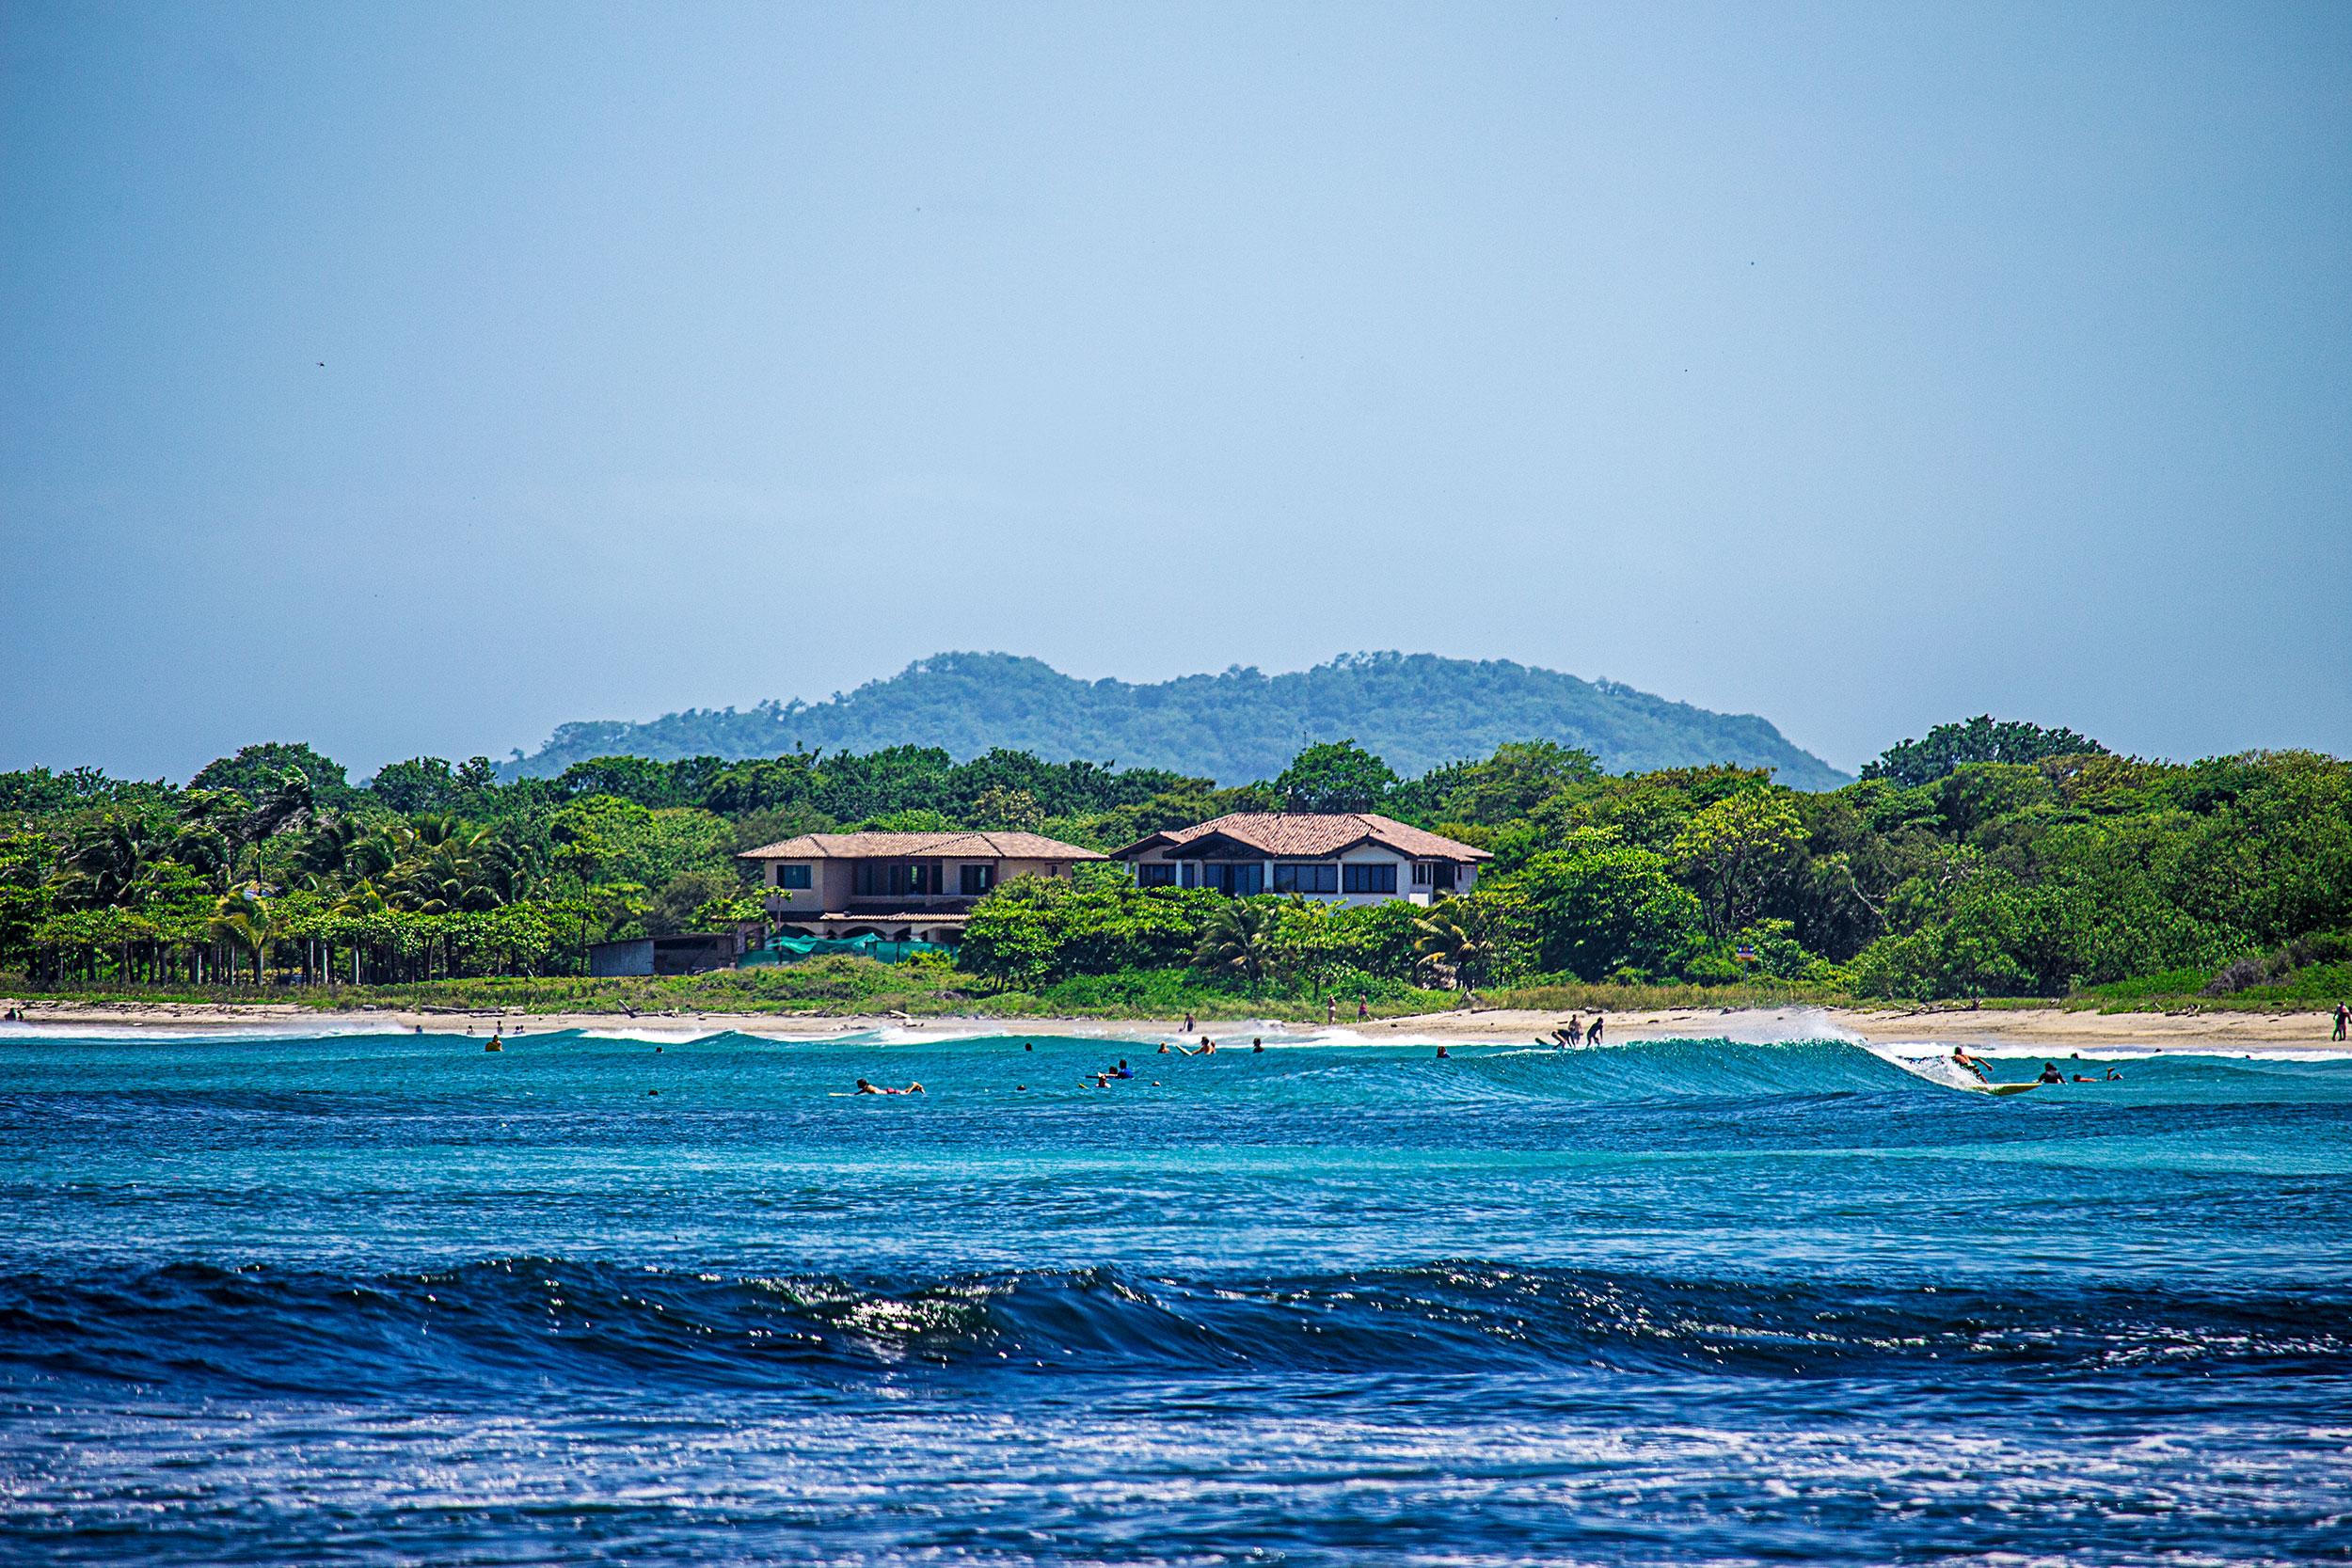 Playa-Avellana-Beach2.jpg